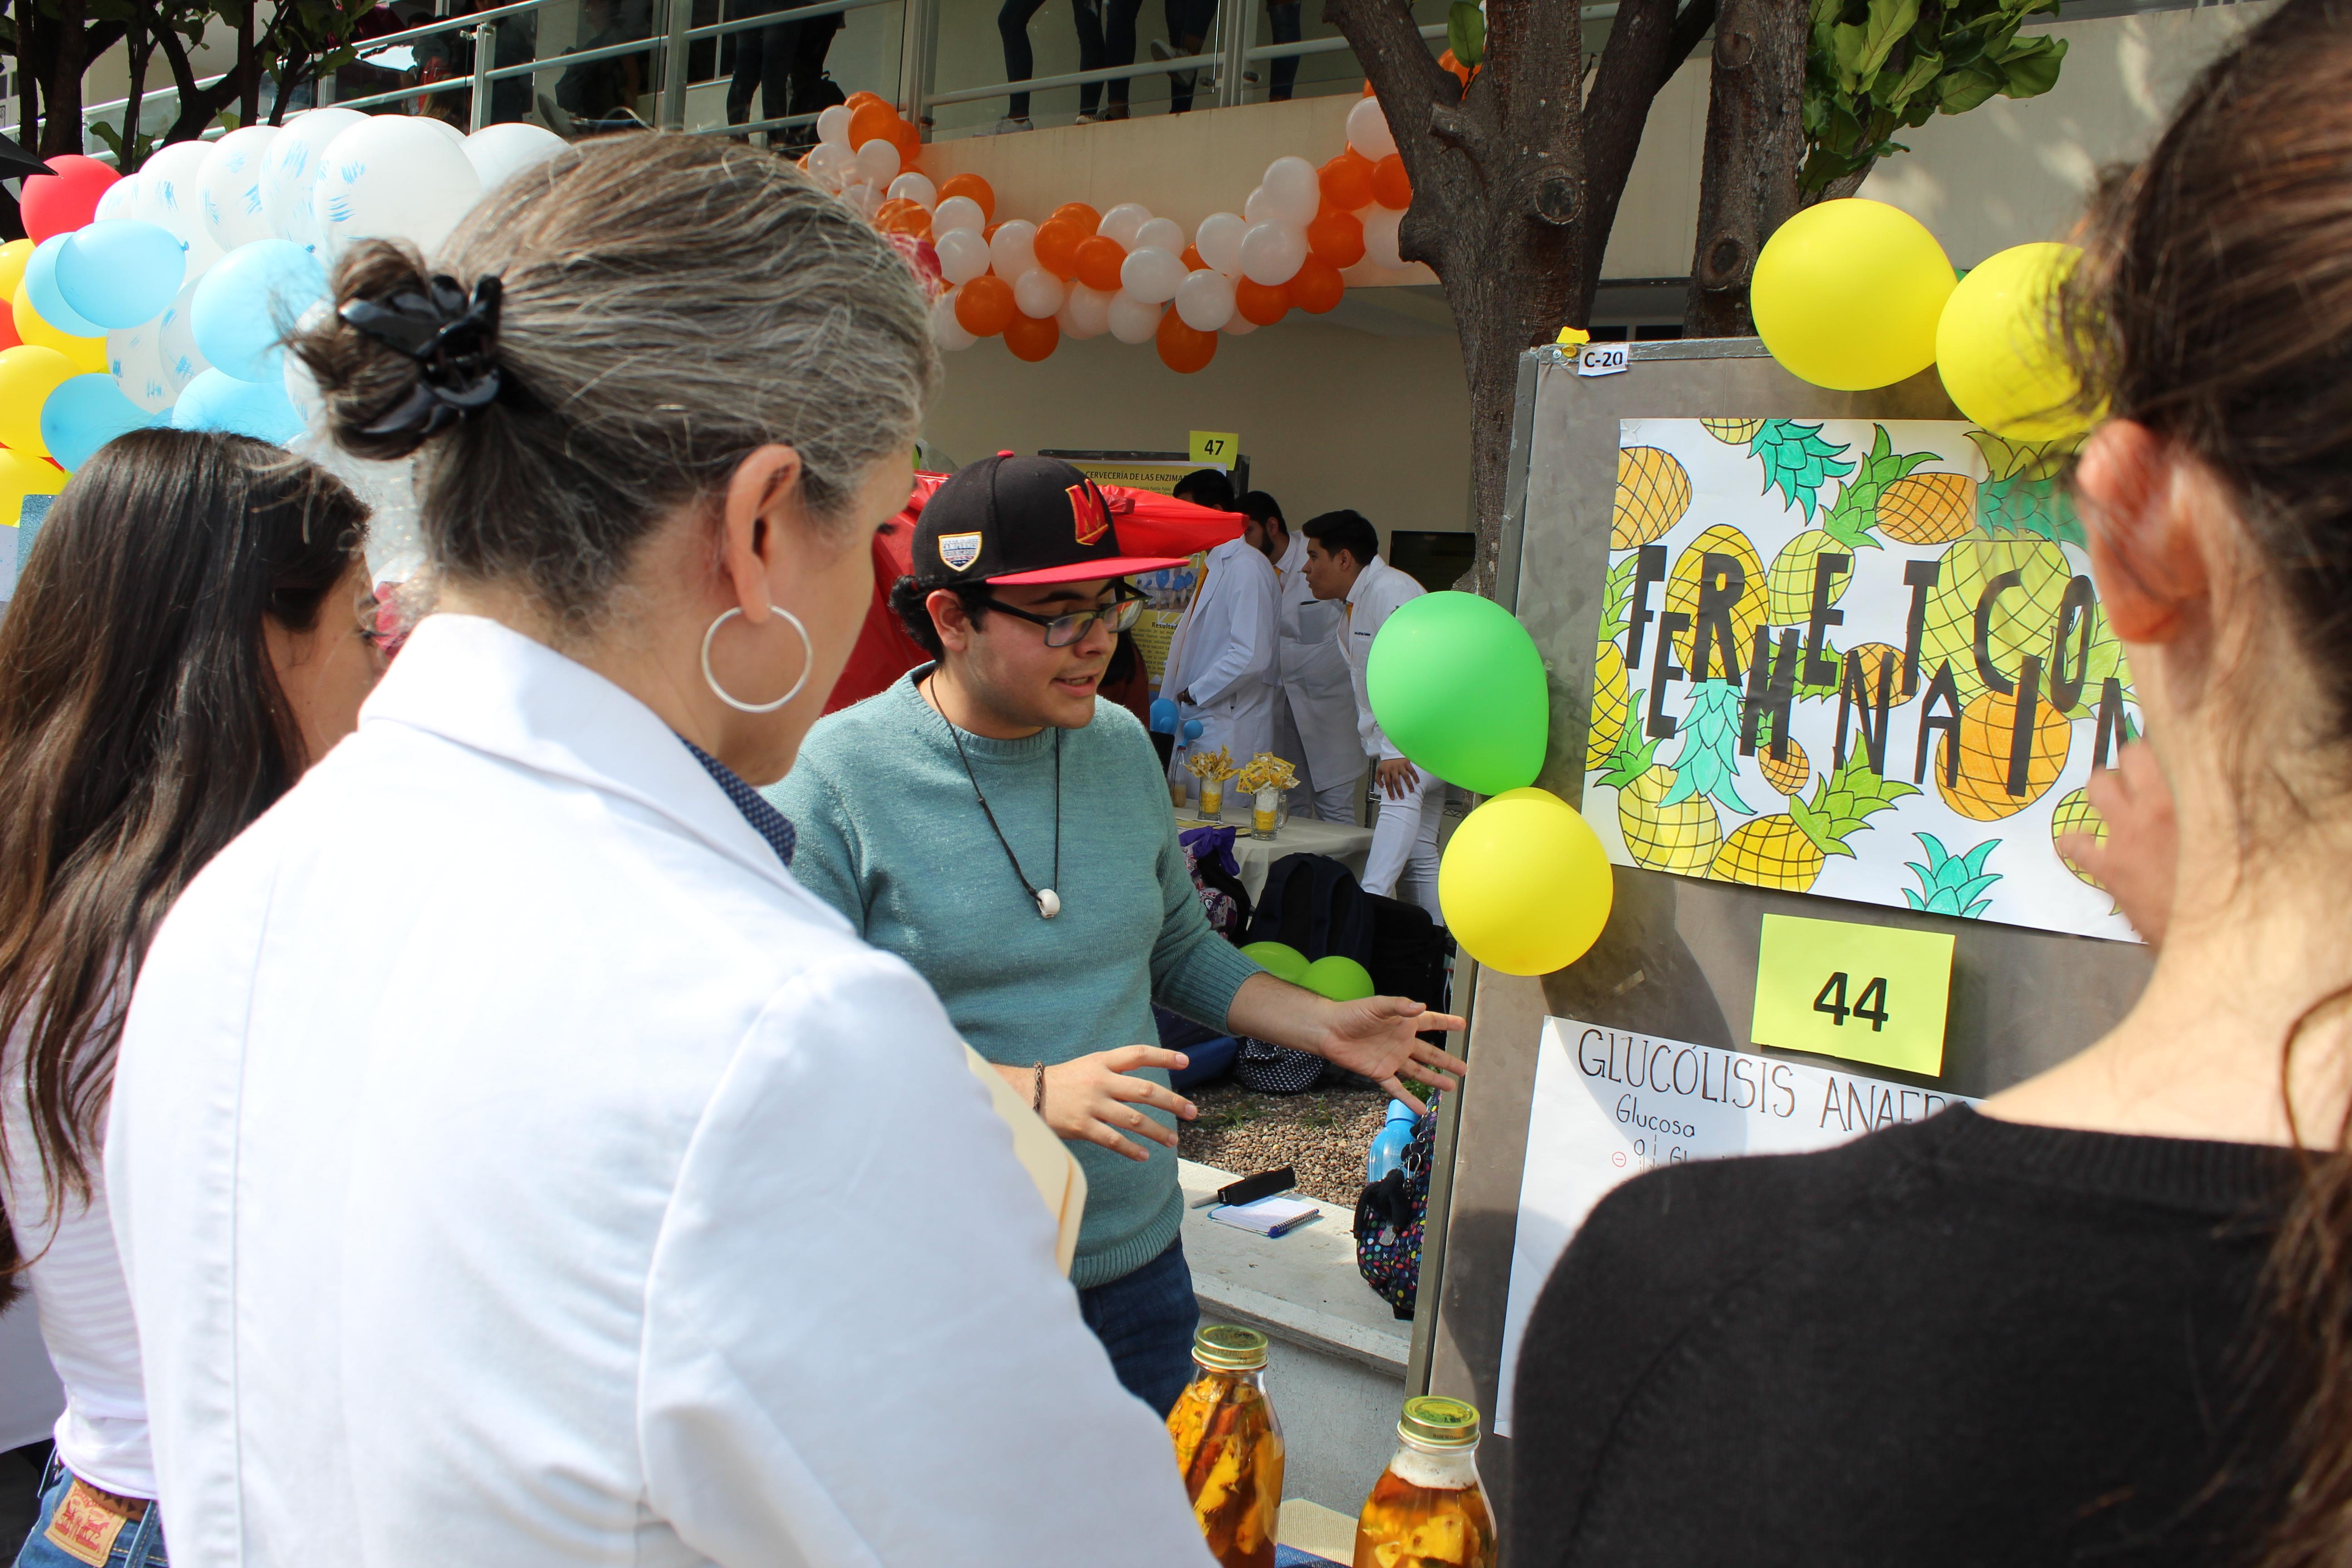 Profesora y alumna leyendo información en un stand